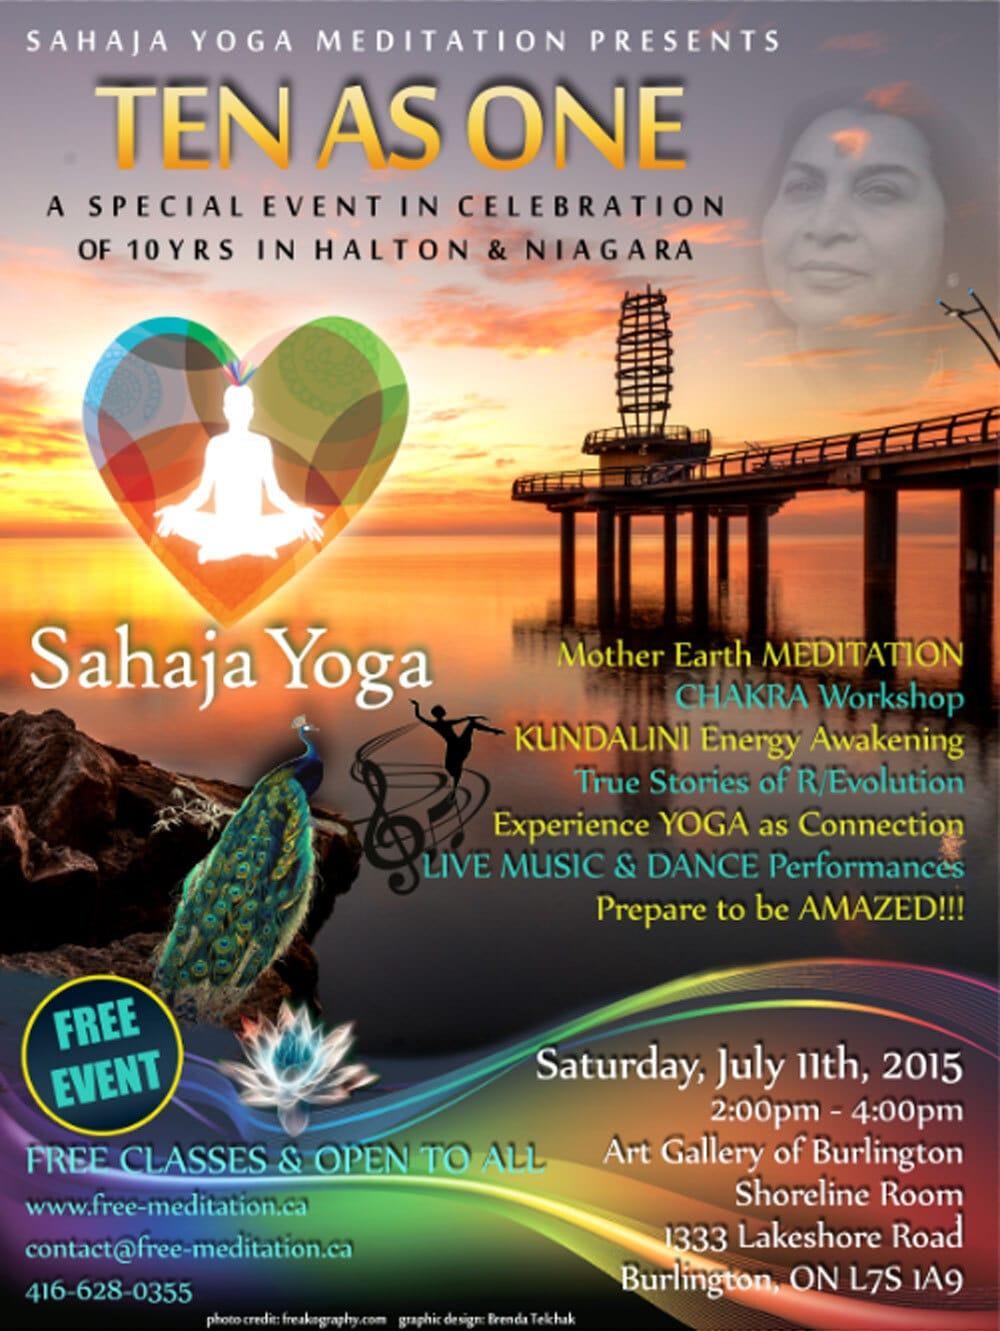 Sahaja-yoga-10th-anniversary4-Brenda